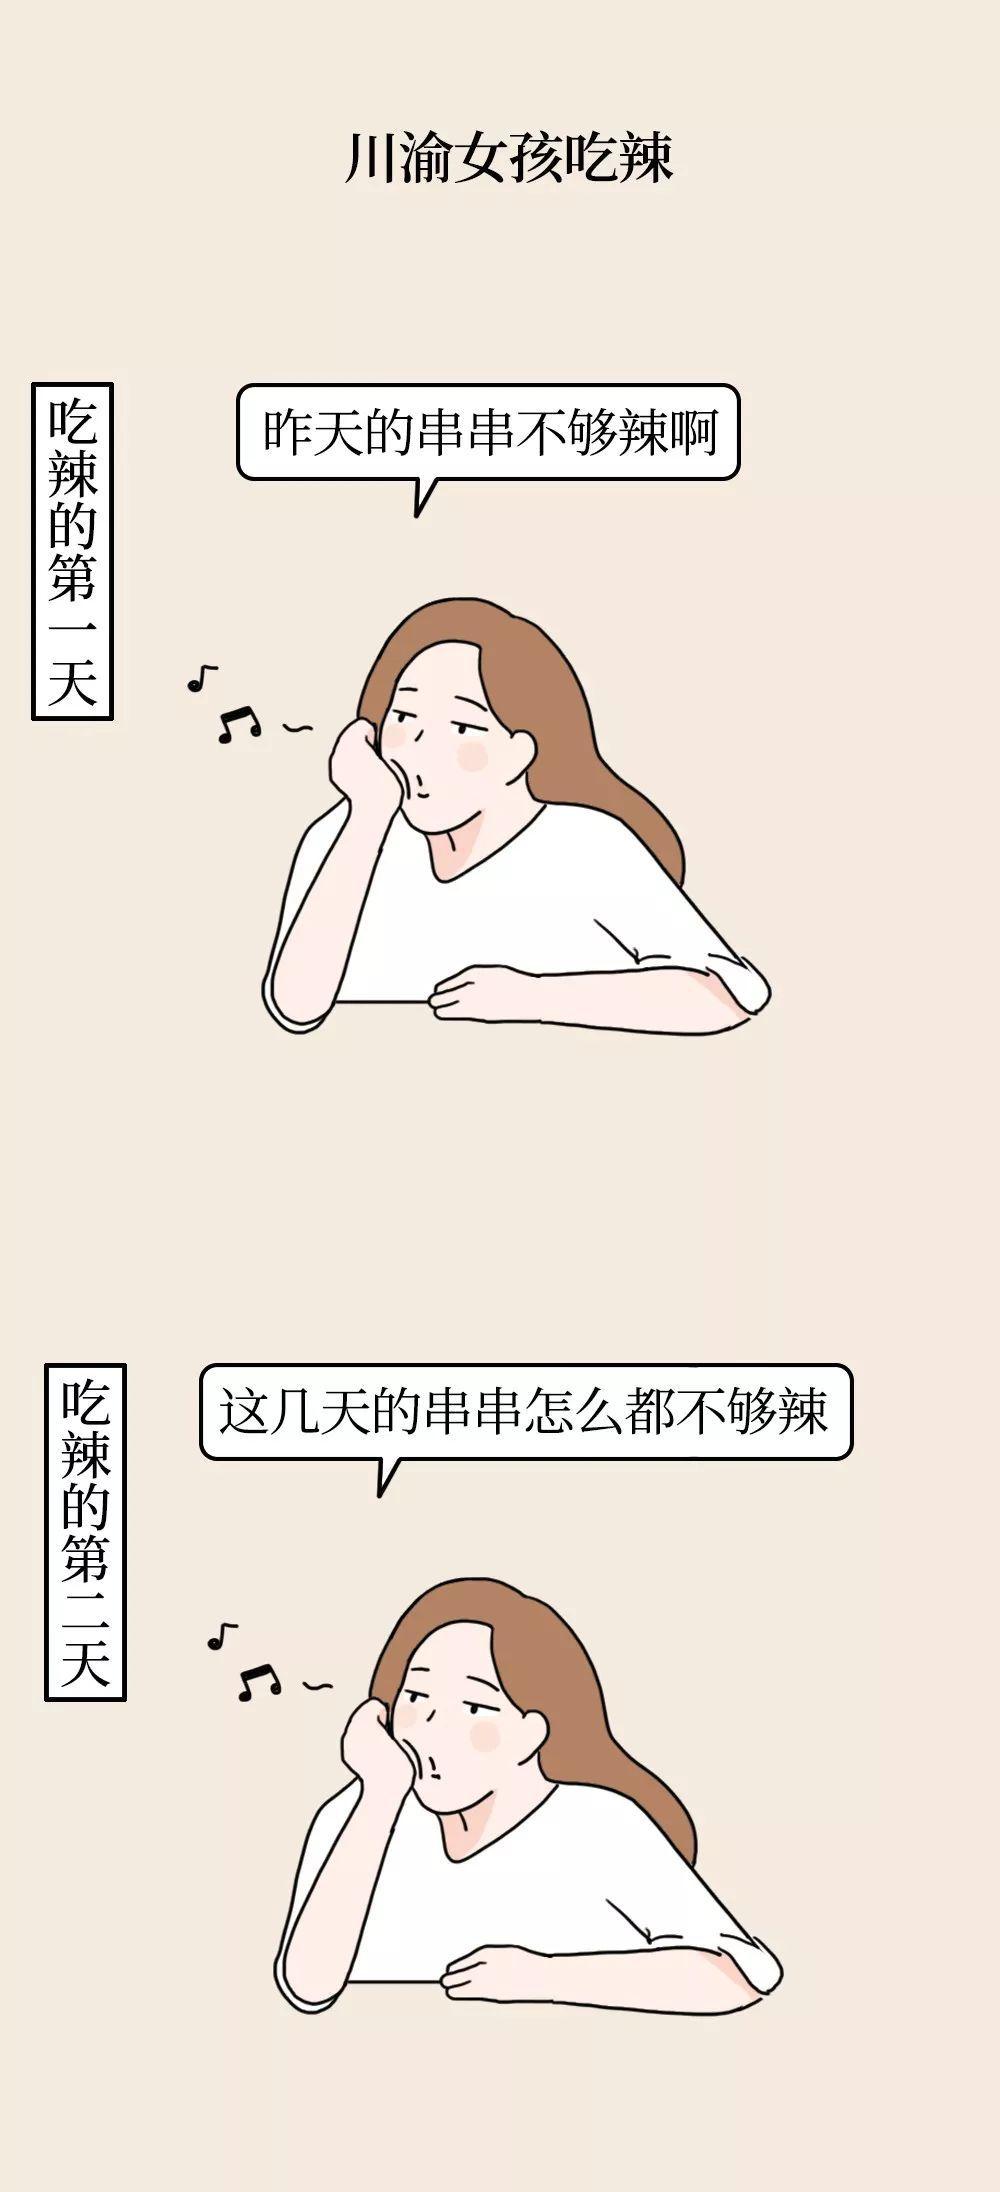 川渝女孩7大特征首曝光:为什么川渝女孩爱吃辣,皮肤却不差? v118.com